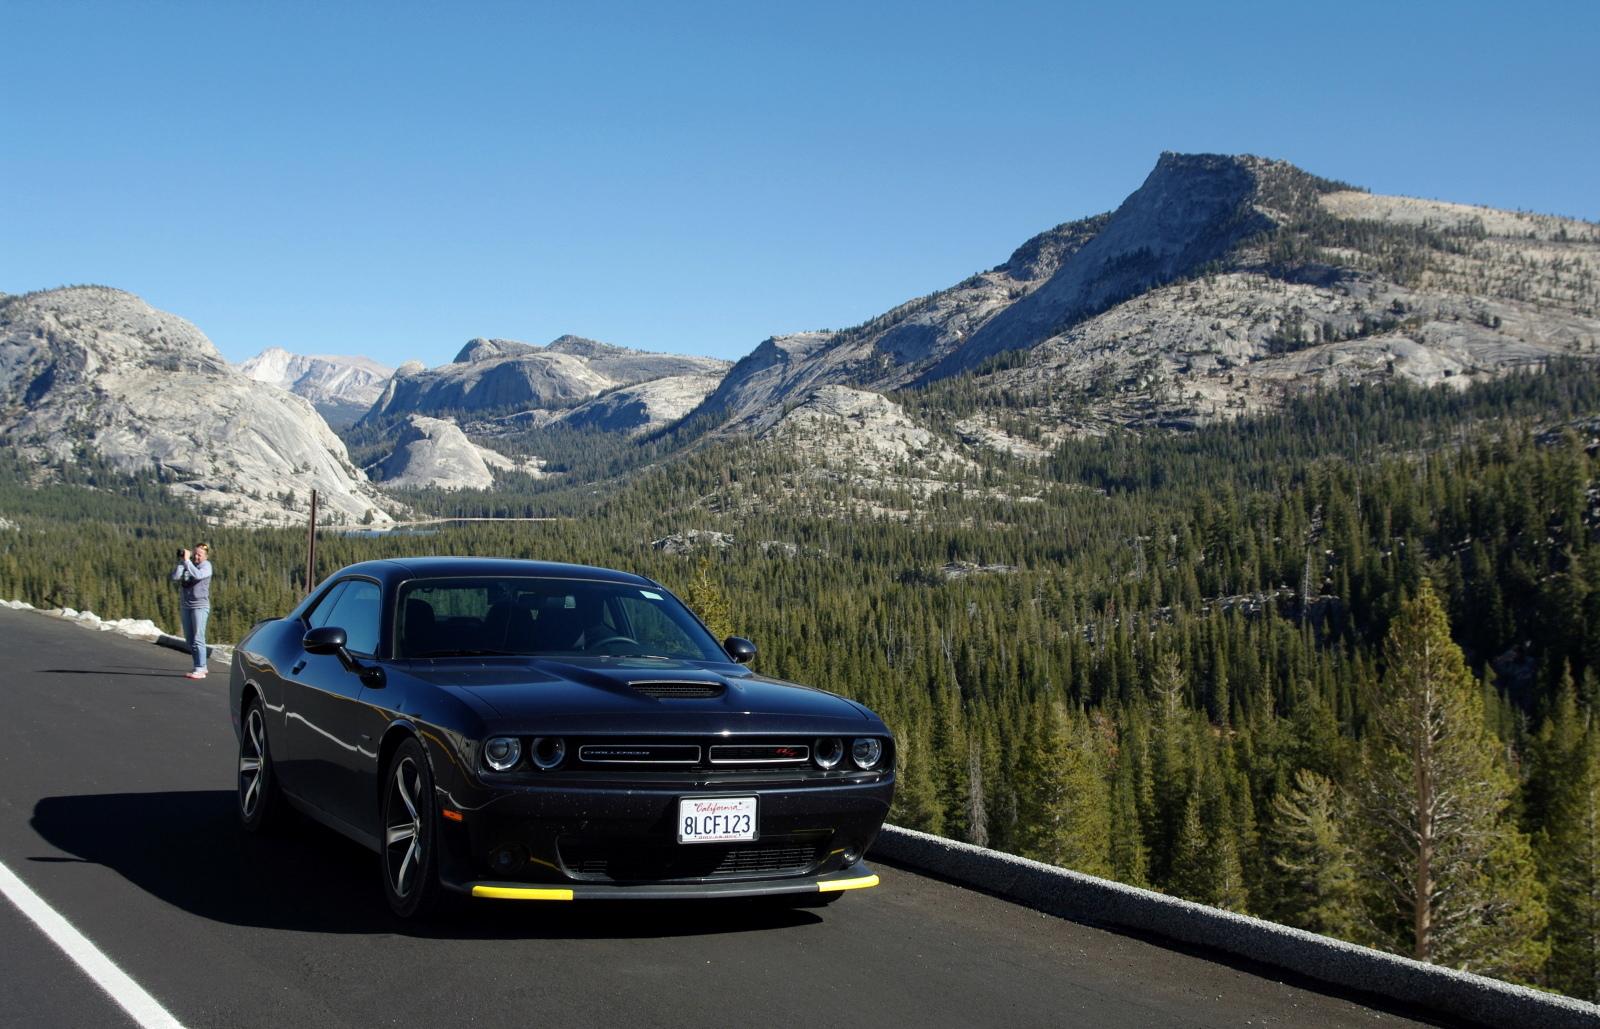 Road Trip / Ouest des USA en Challenger de location -Part II Imgpk248